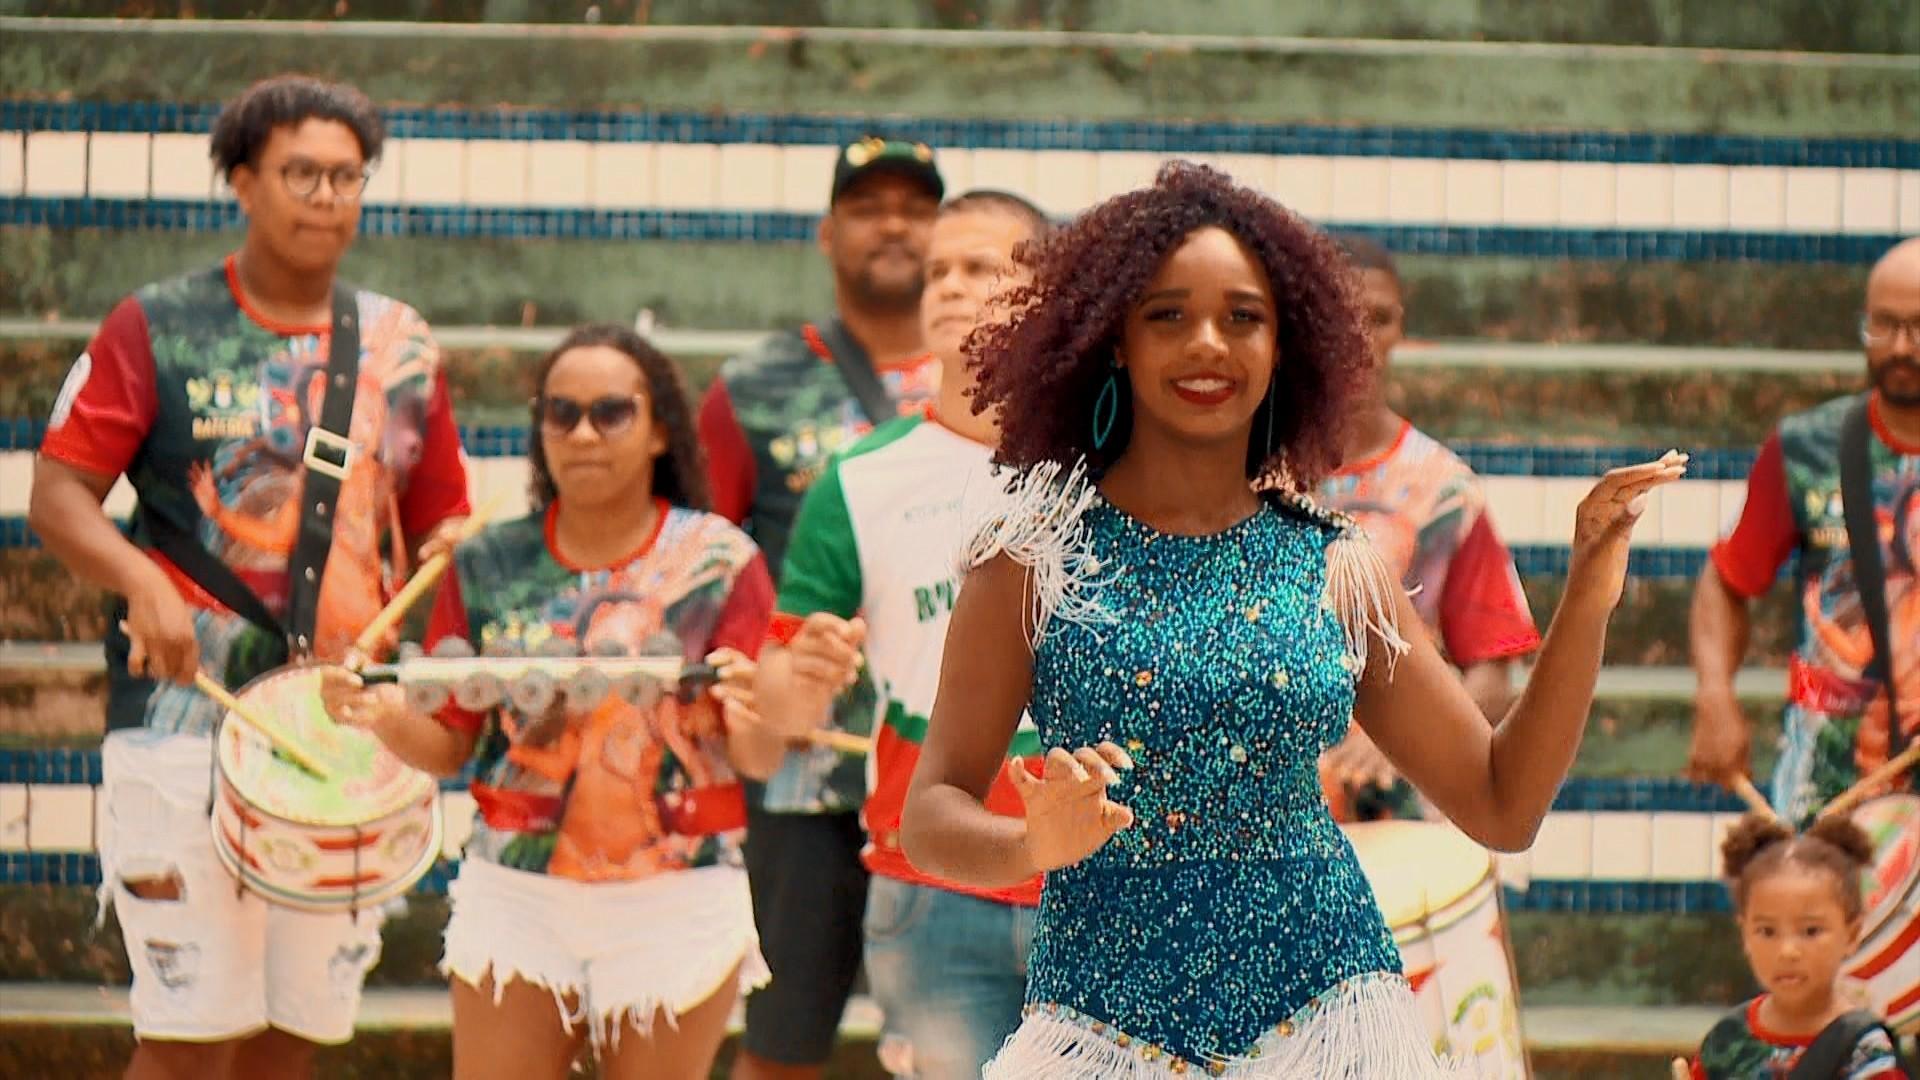 Garota do Samba 2020: conheça a representante da Unidos da Piedade